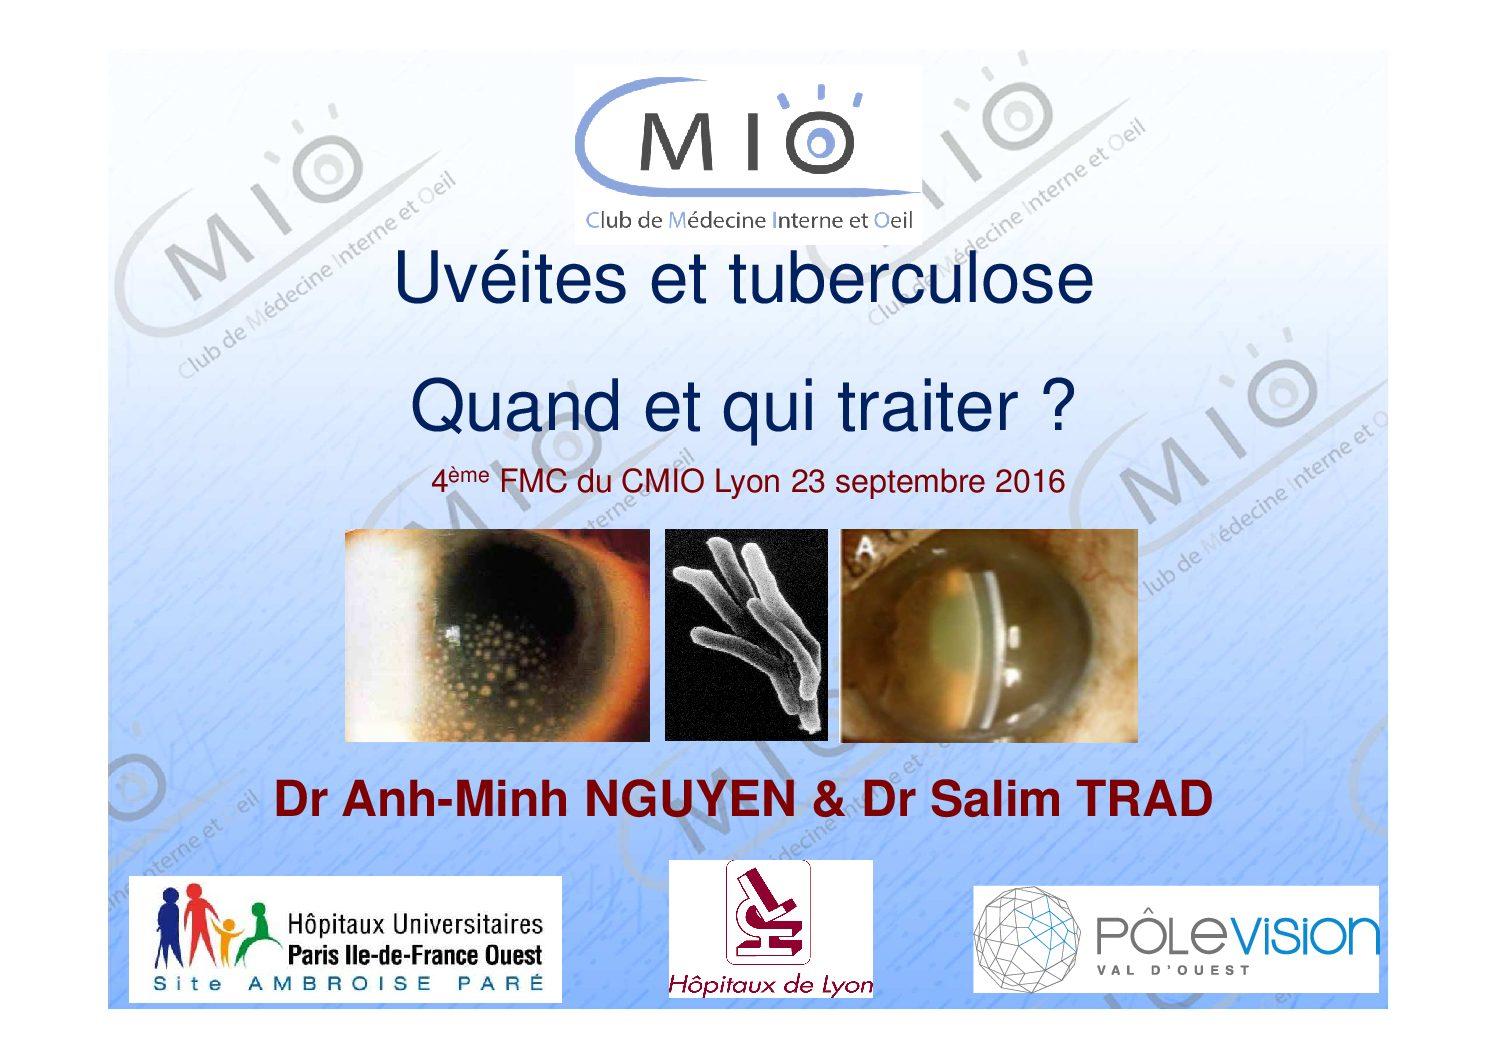 Uvéites et tuberculose : quand et qui traiter ?